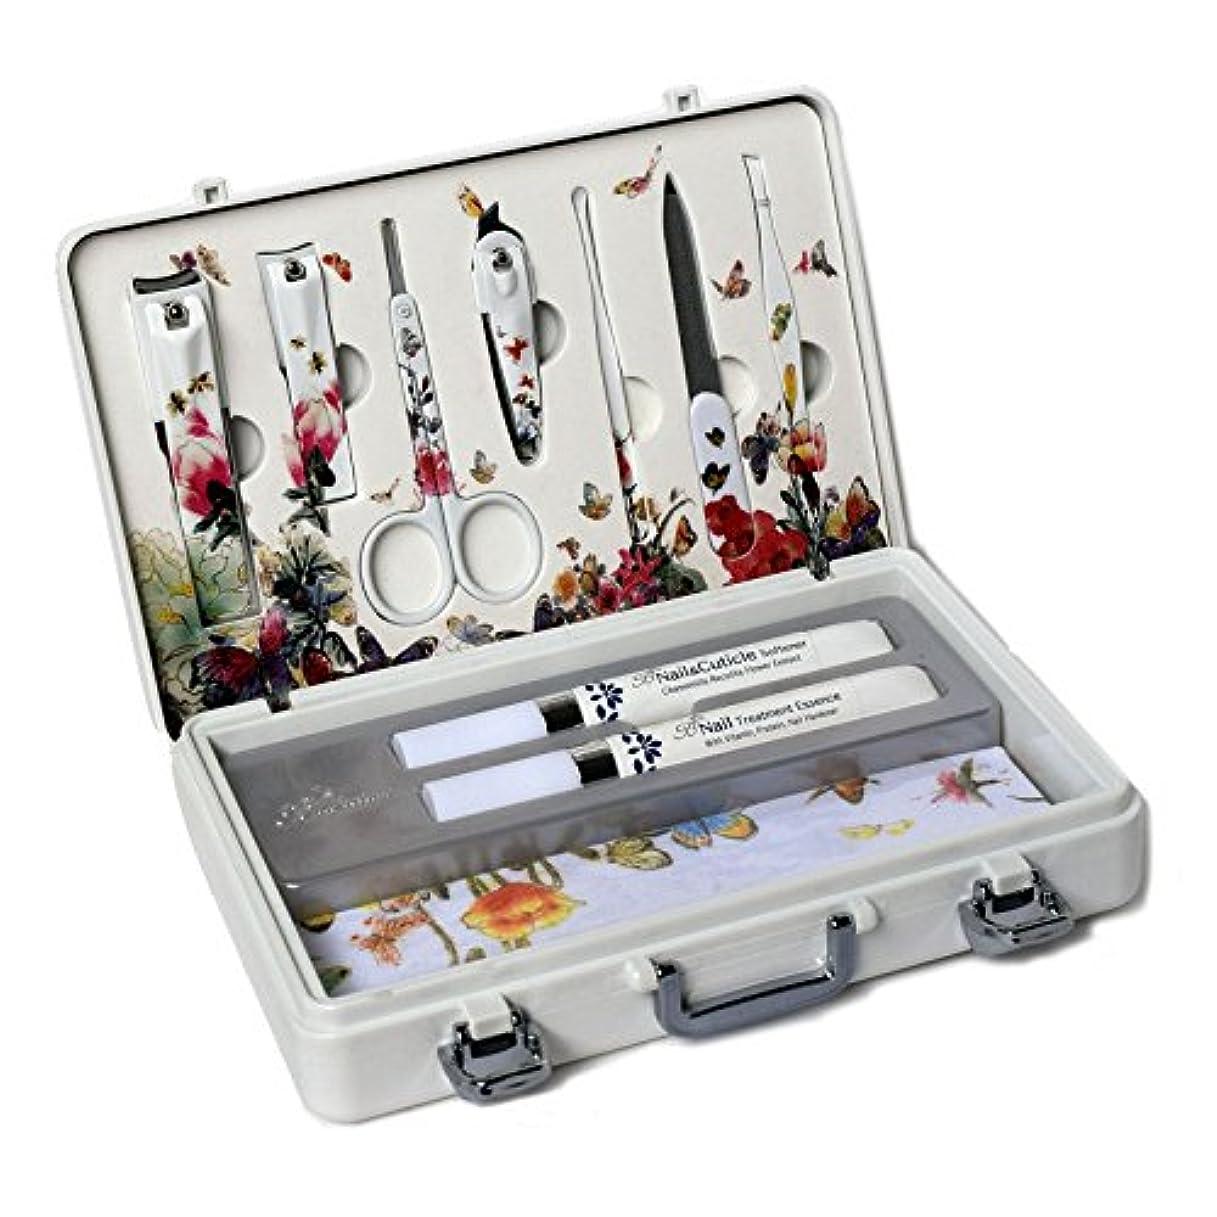 ゴージャスいつ滅びるMETAL BELL Manicure Sets BN-2000 爪の管理セット爪切りセット 高品質のネイルケアセット高級感のある東洋画のデザイン Nail Clippers Nail Care Set